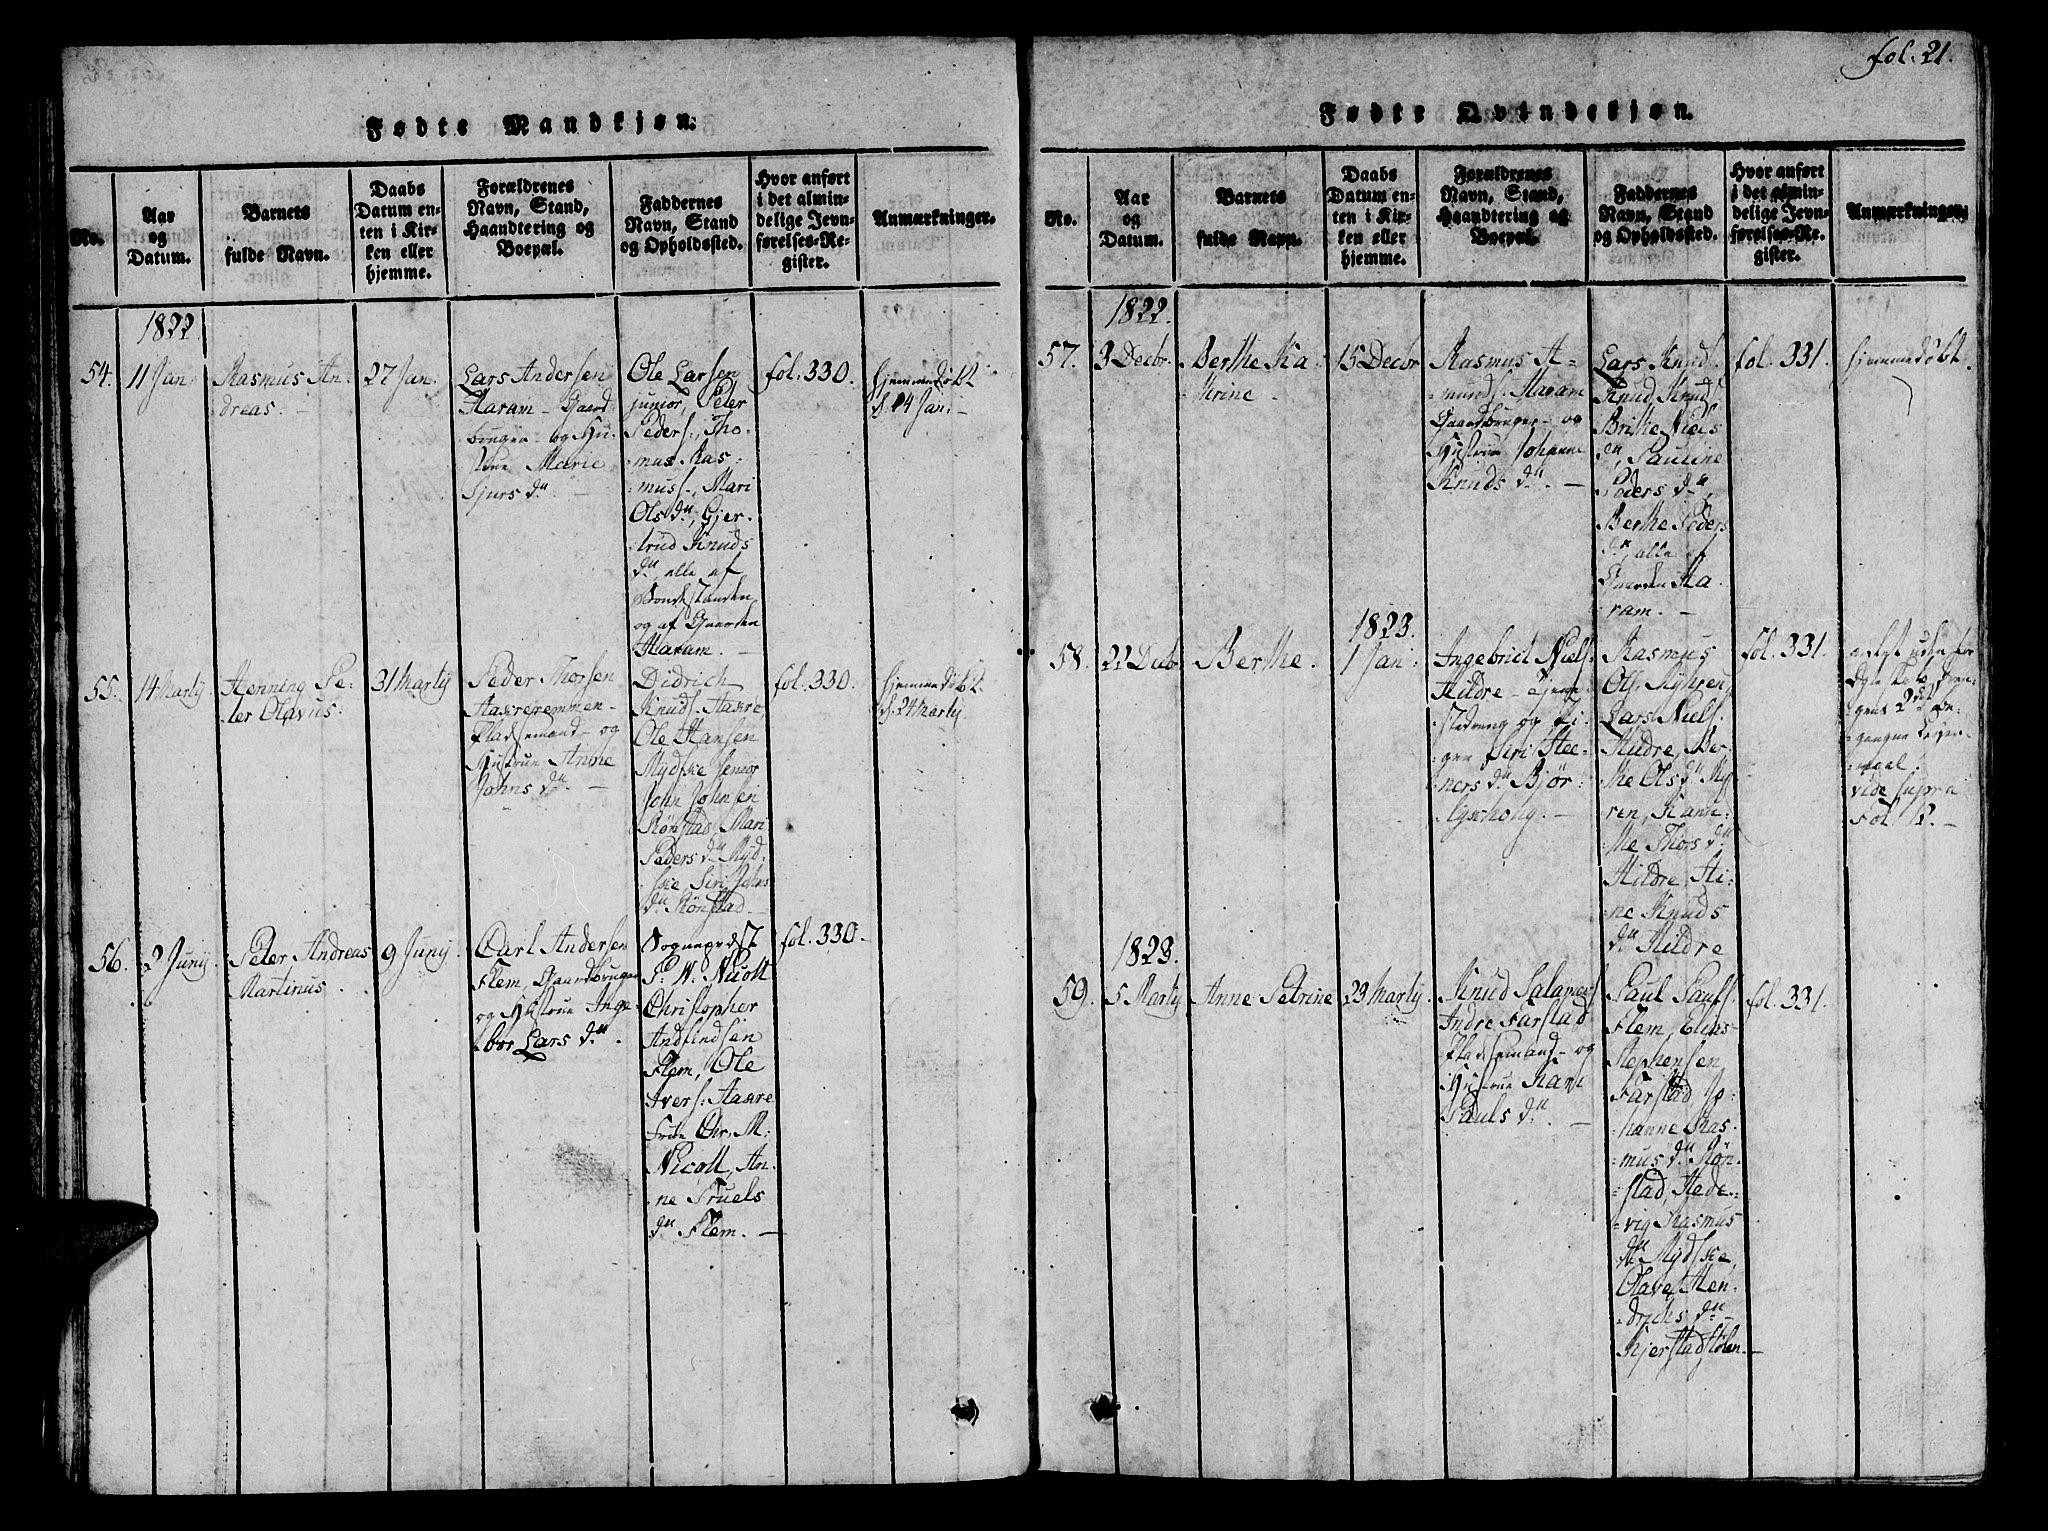 SAT, Ministerialprotokoller, klokkerbøker og fødselsregistre - Møre og Romsdal, 536/L0495: Ministerialbok nr. 536A04, 1818-1847, s. 21